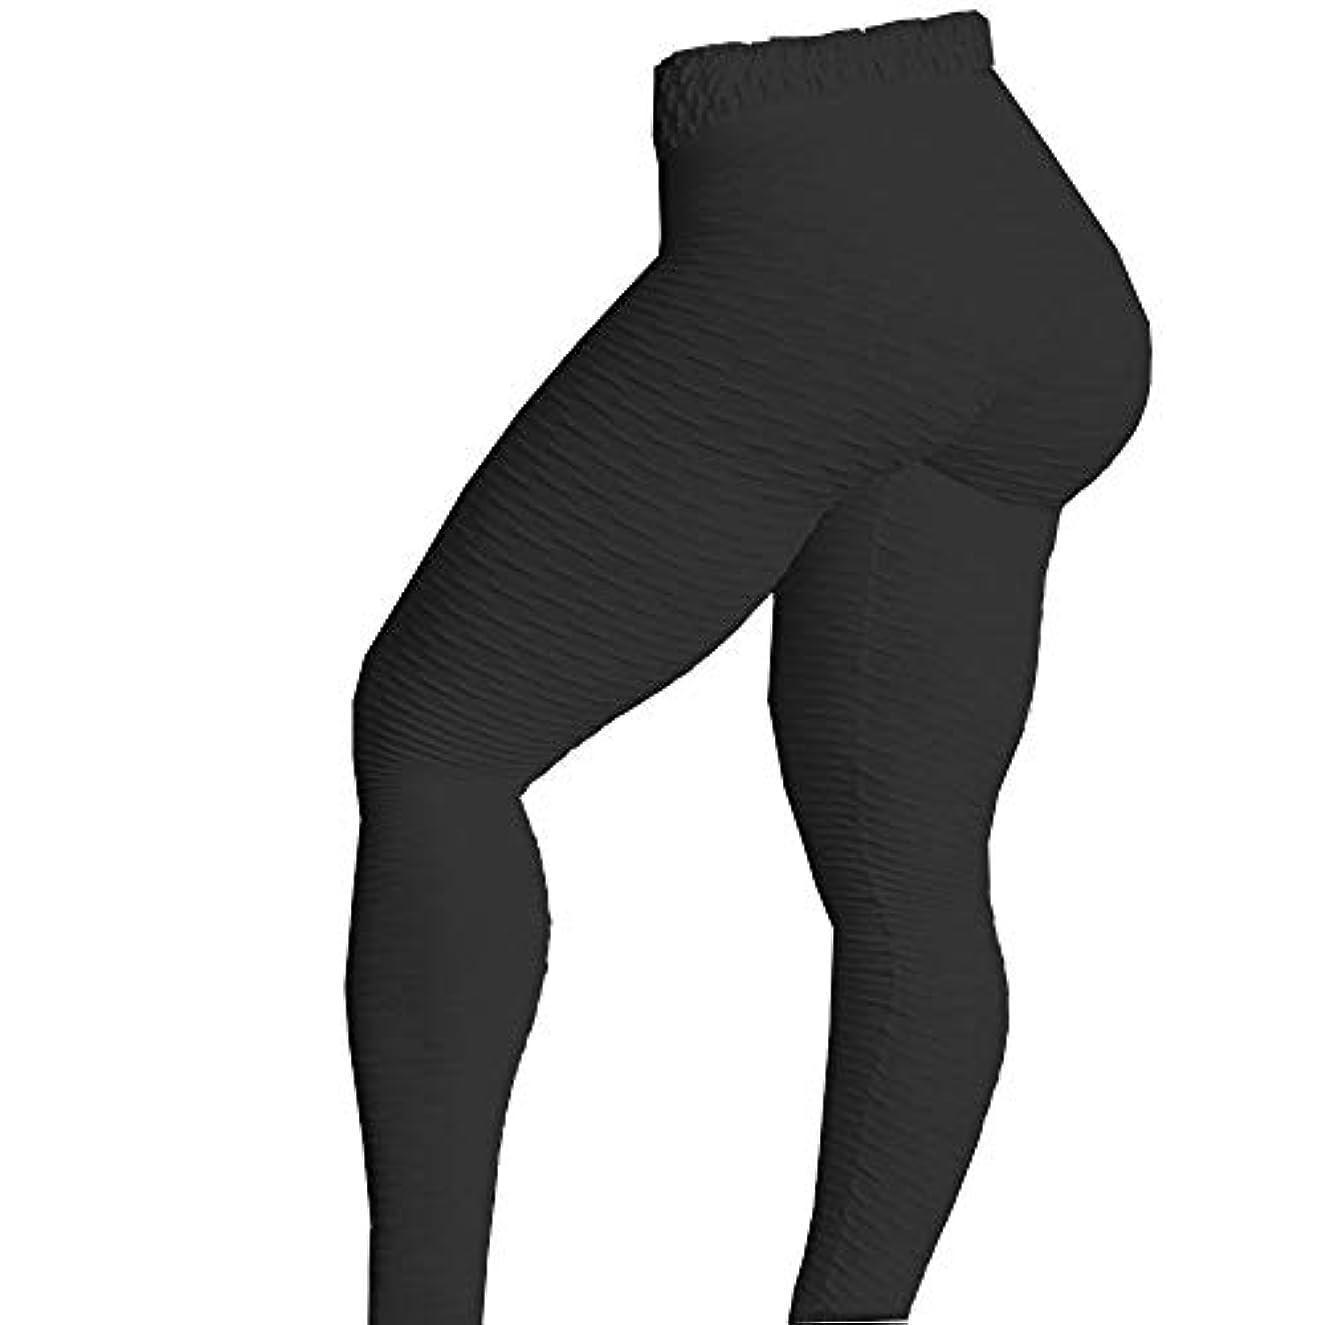 開業医放課後船外MIFAN パンツ女性、ハイウエストパンツ、スキニーパンツ、ヨガレギンス、女性のズボン、ランニングパンツ、スポーツウェア